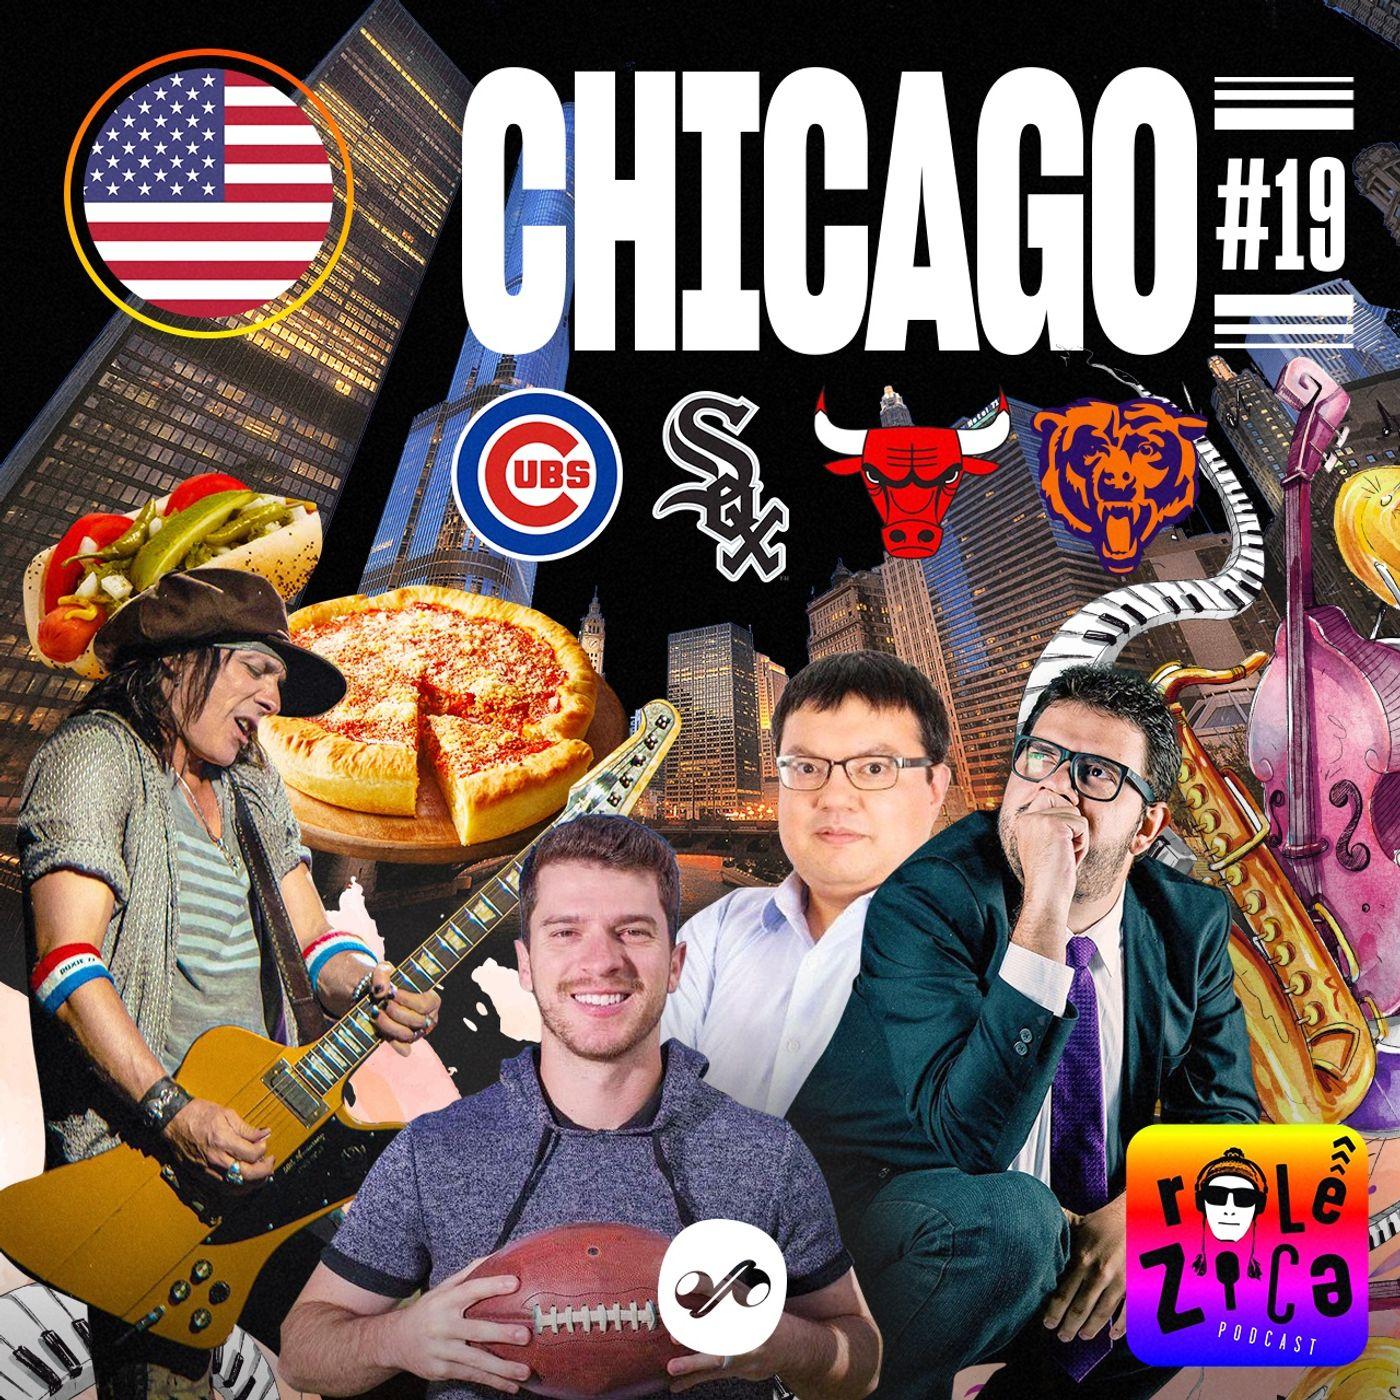 Chicago: Blues e Bulls, inverno congelante e cachorro quente picante